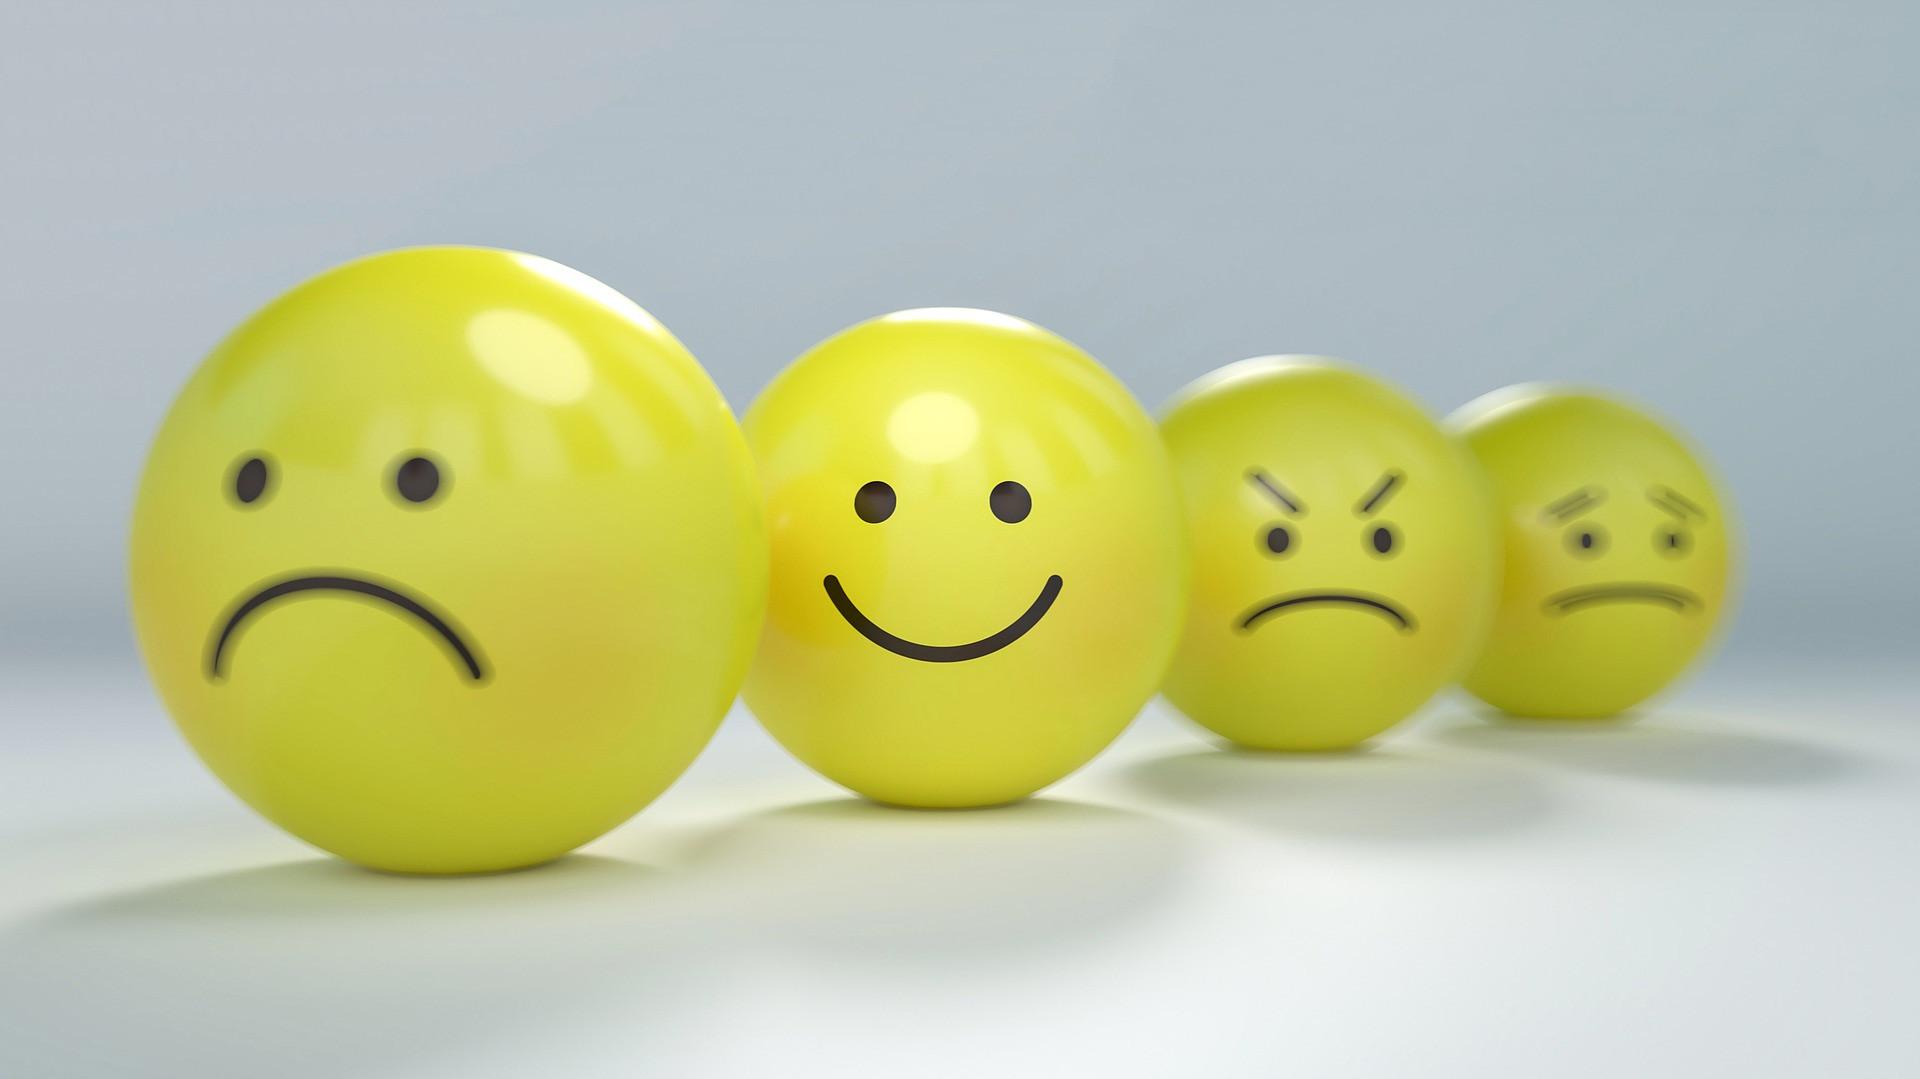 Обидные ситуации на работе: 3 безопасных варианта, как с ними справляться